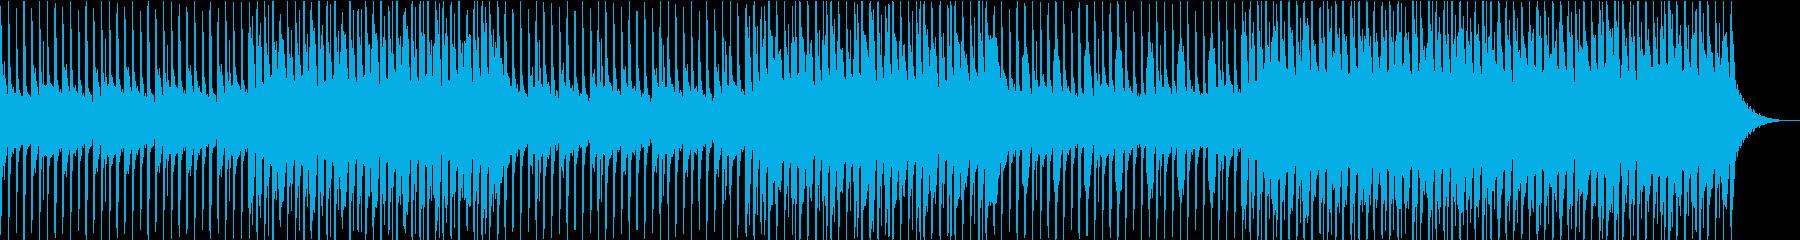 眠気、浮遊感のあるテクノの再生済みの波形